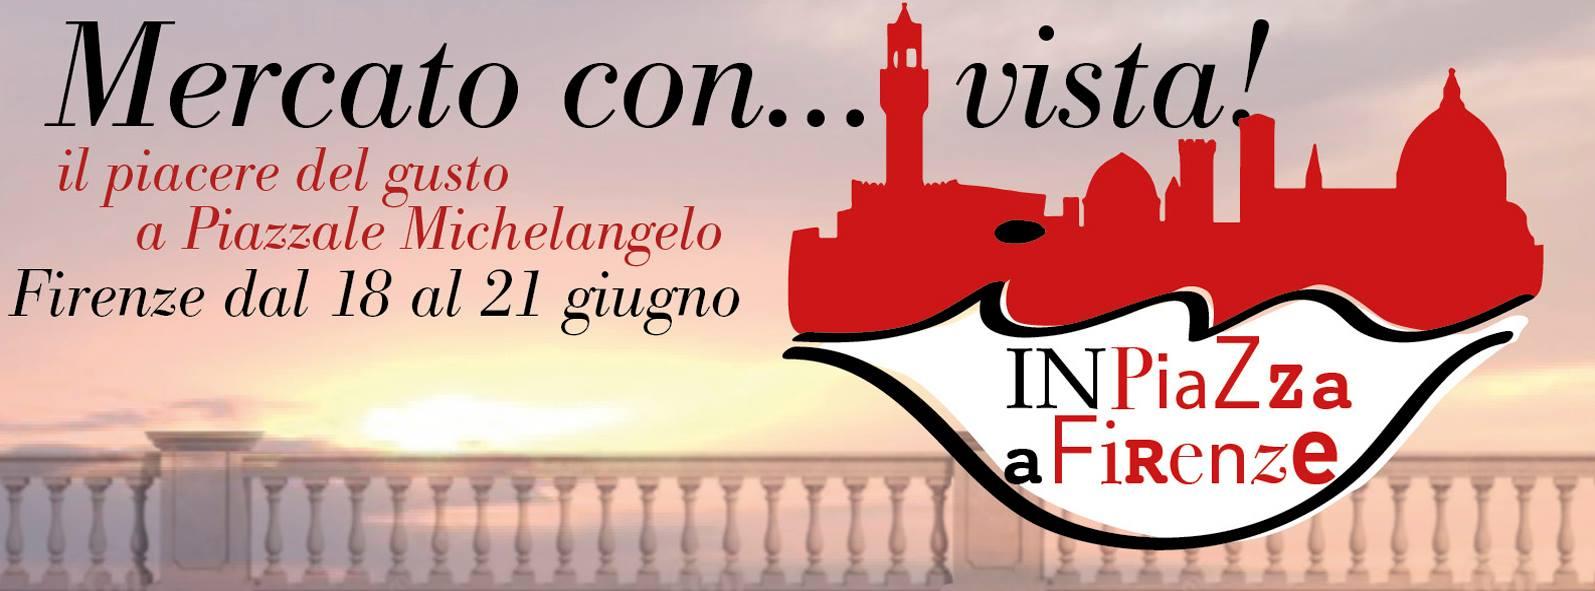 Piazzale Michelangelo Firenze fine settimana dedicato alla gastronomia